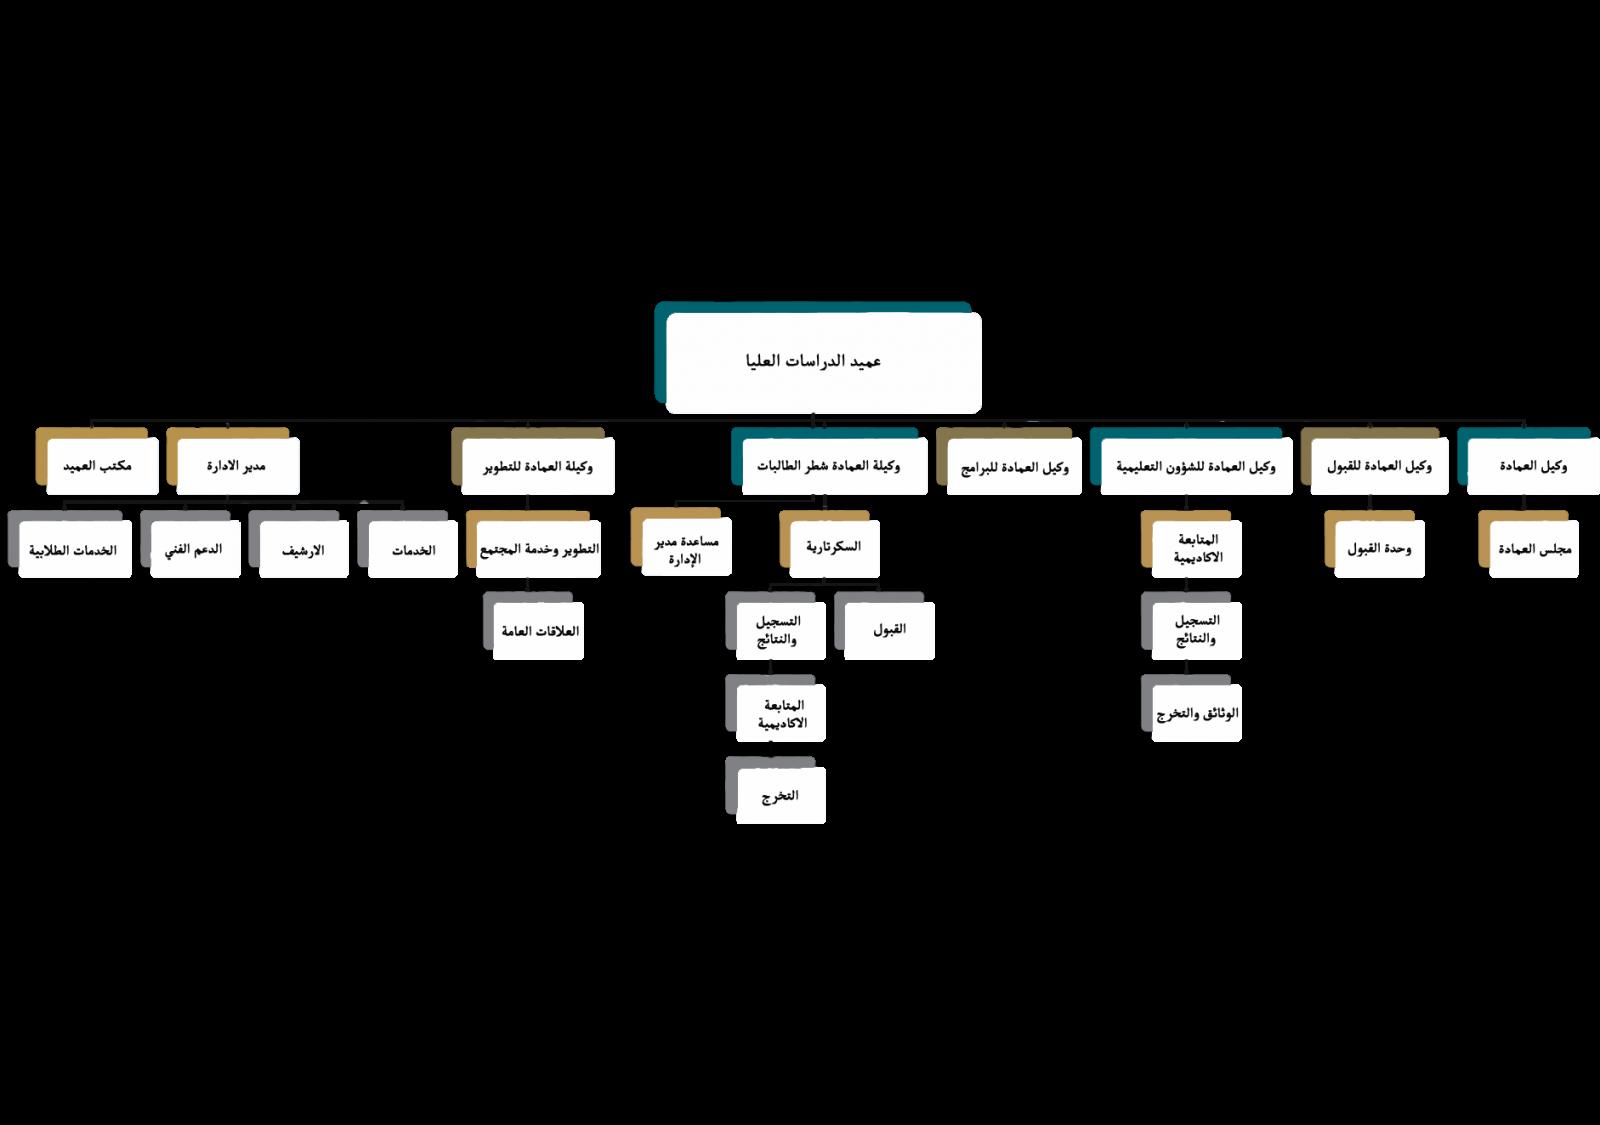 الهيكل التنظيمي لعمادة الدراسات العليا